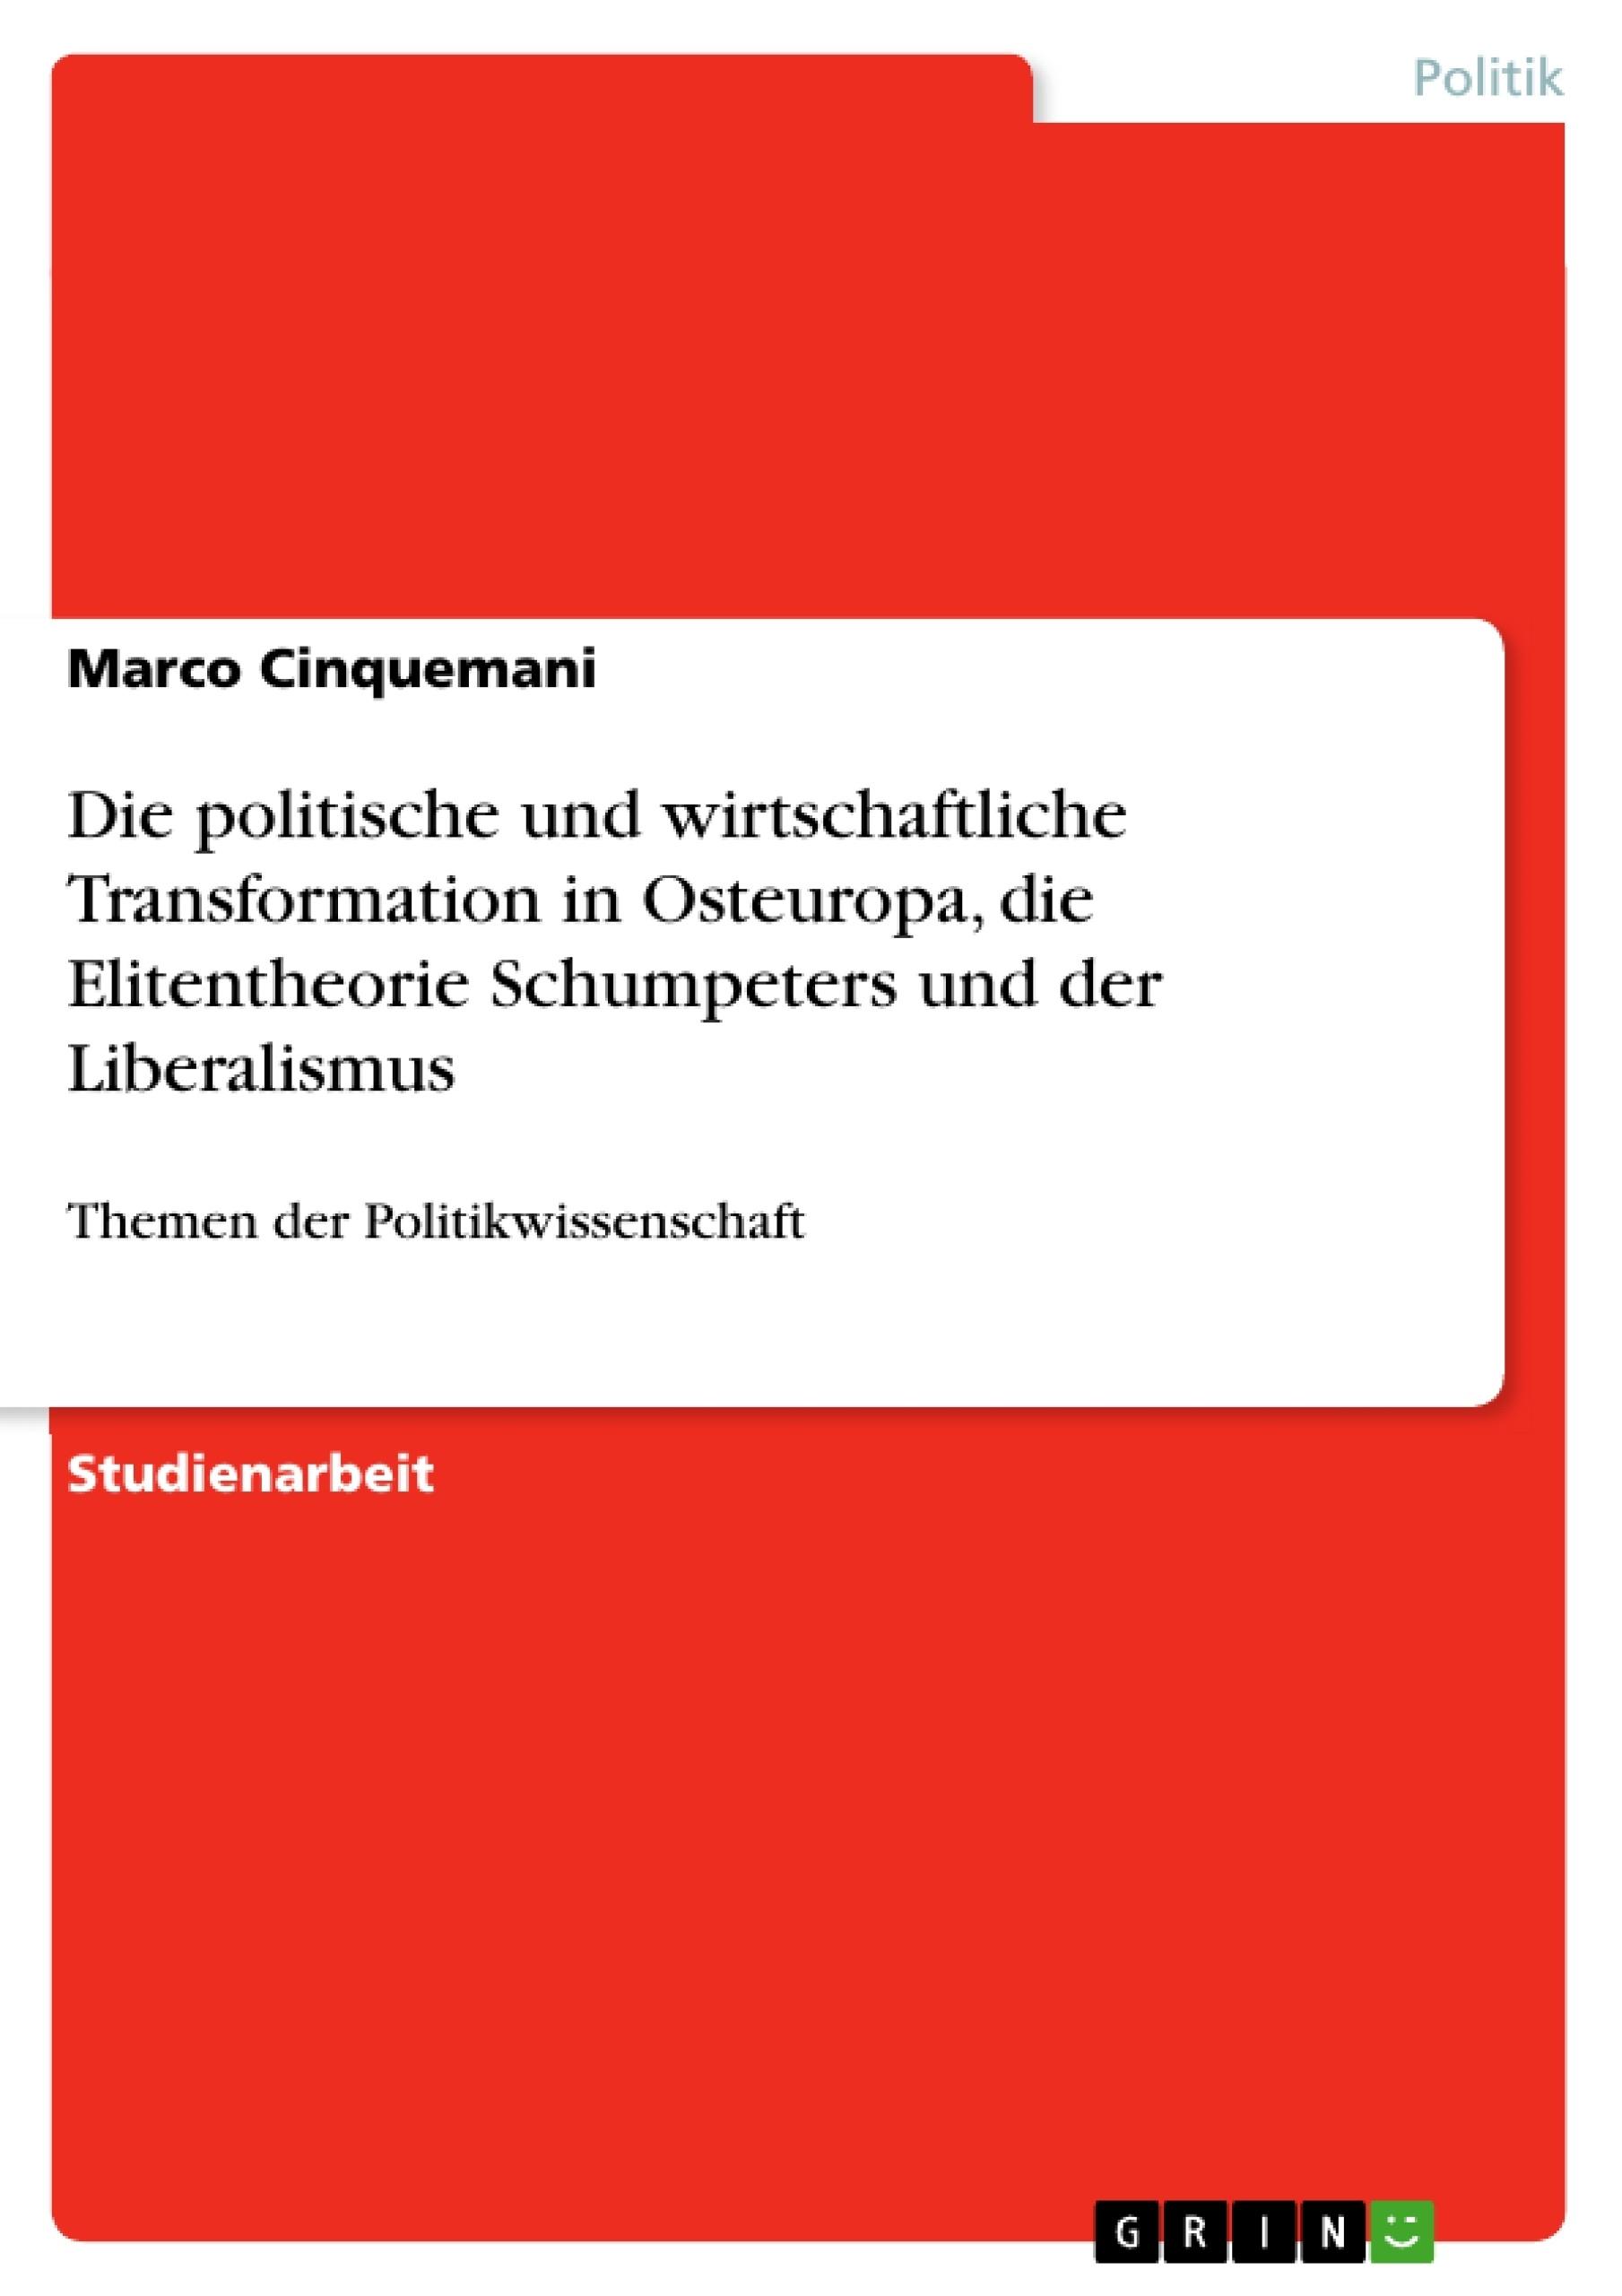 Titel: Die politische und wirtschaftliche Transformation in Osteuropa, die Elitentheorie Schumpeters und der Liberalismus